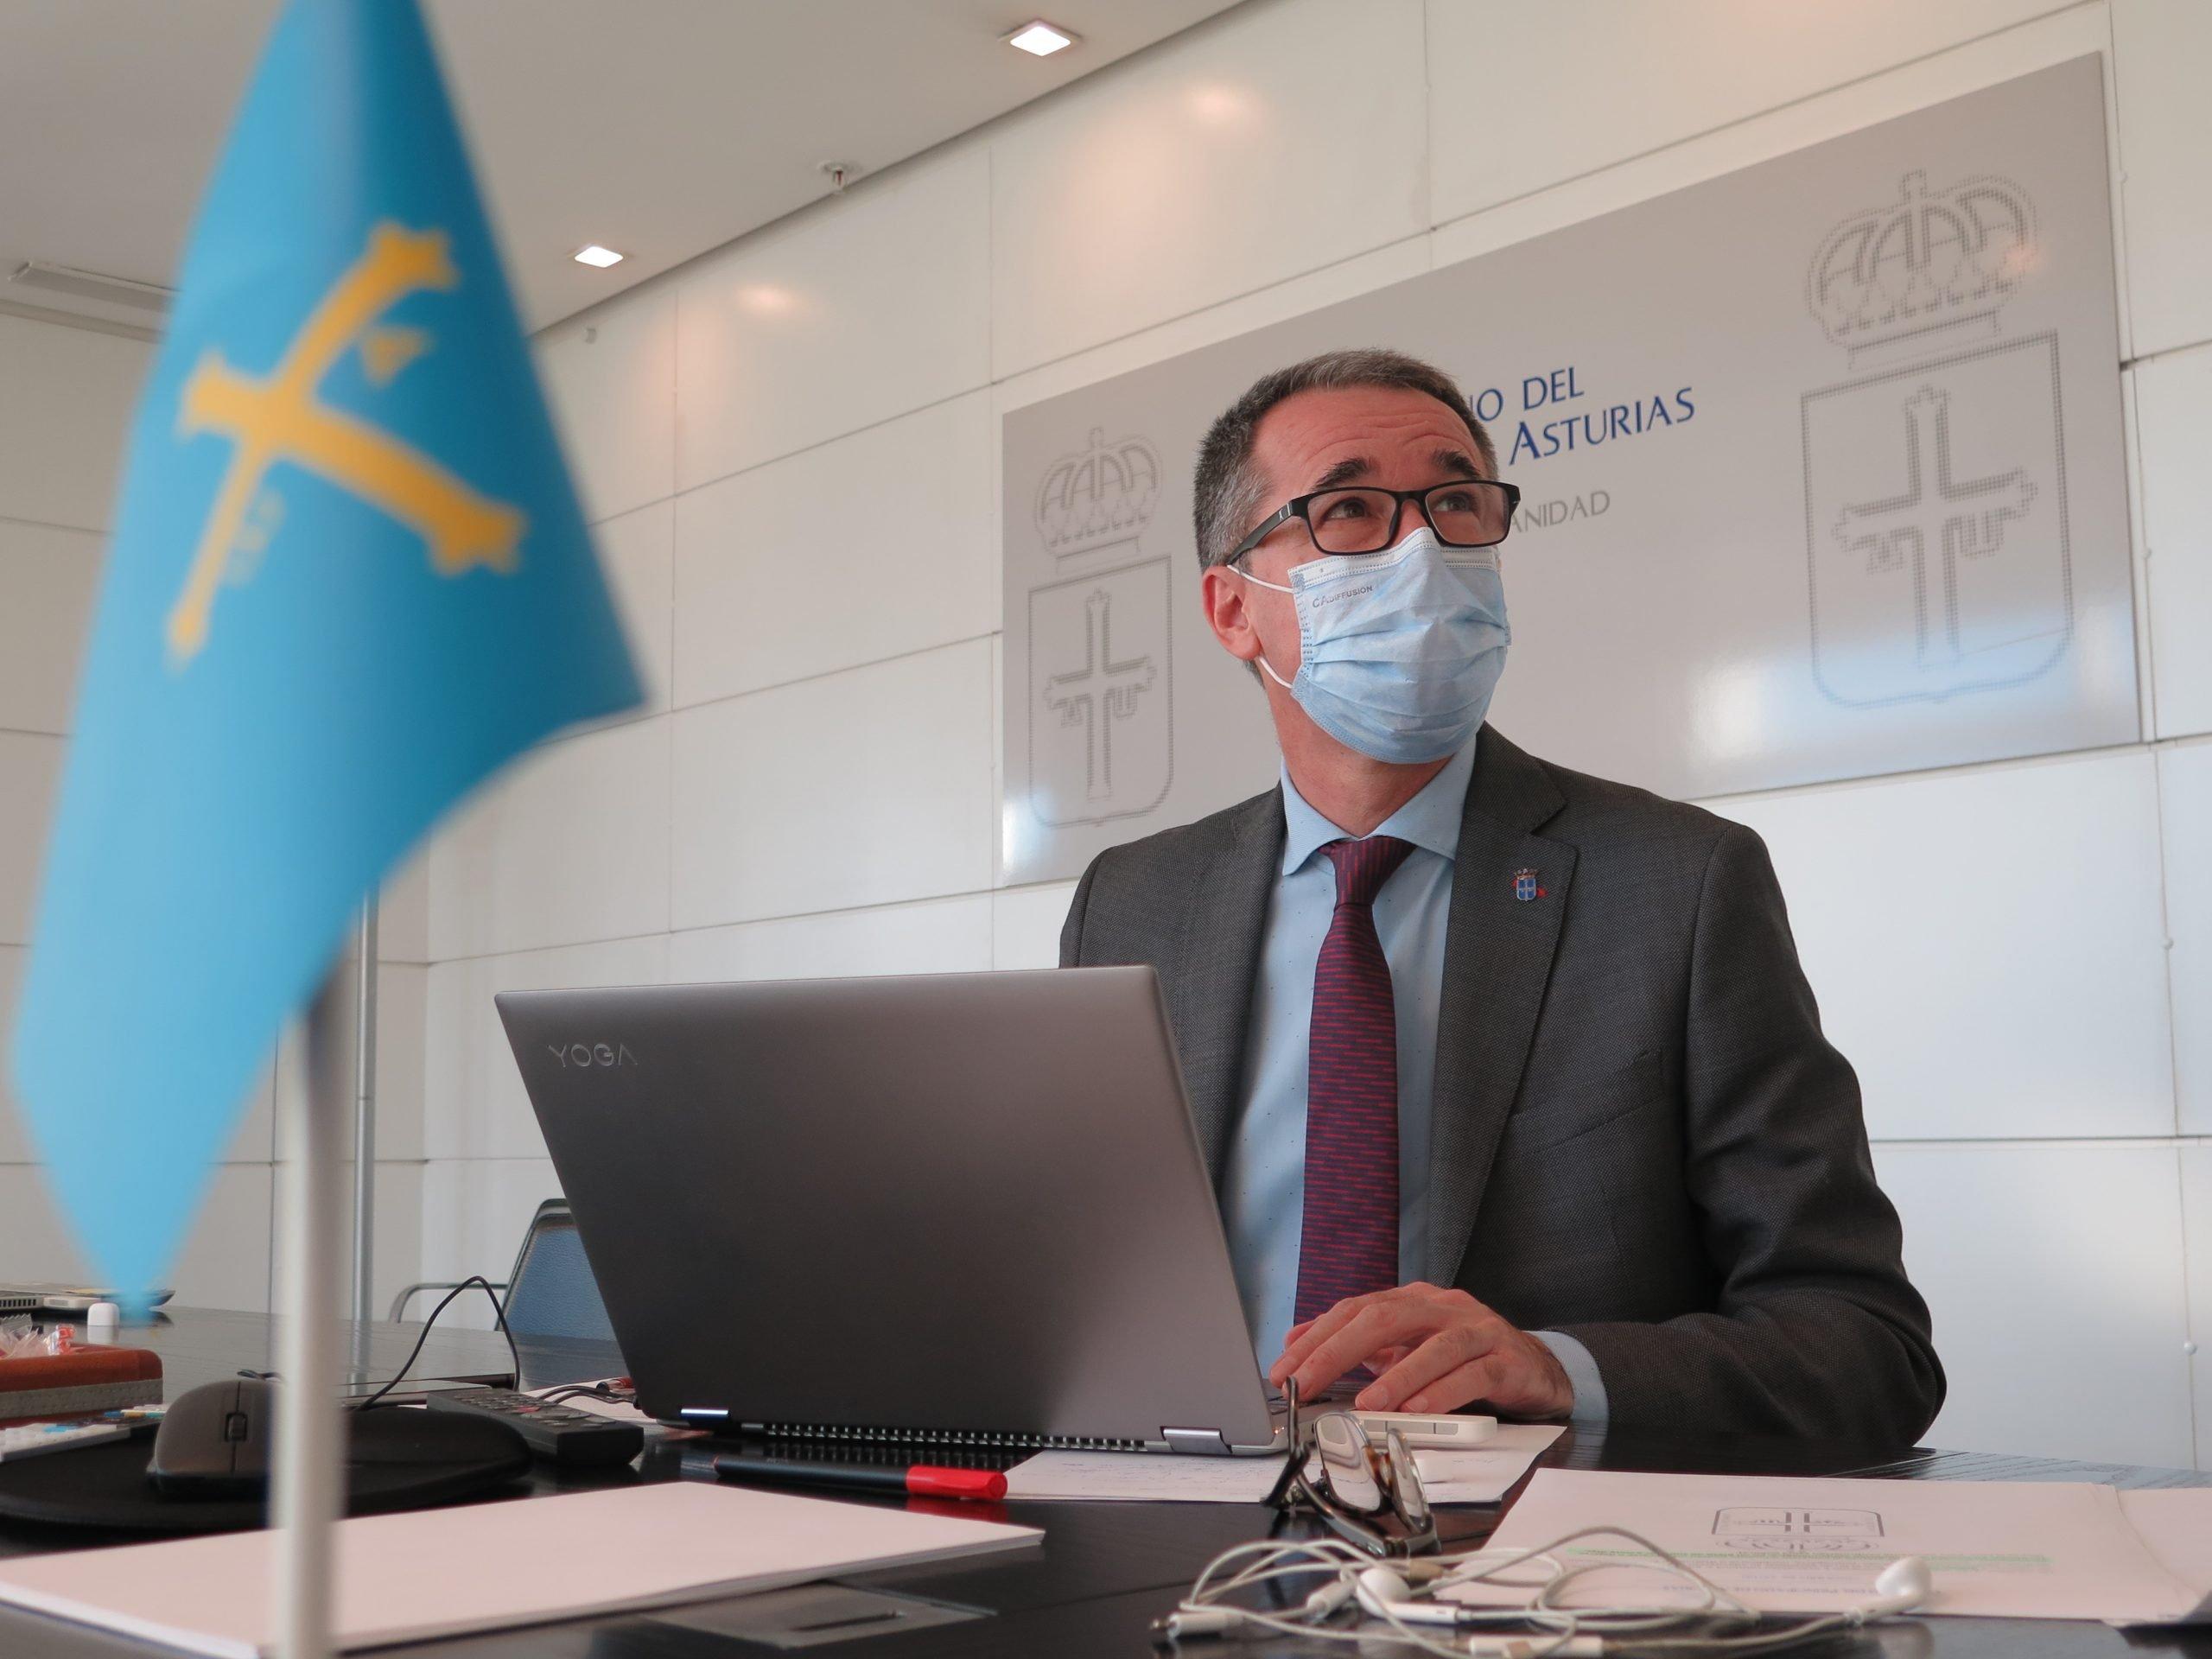 Nuevas medidas del Gobierno del Principado para frenar la expansión del coronavirus